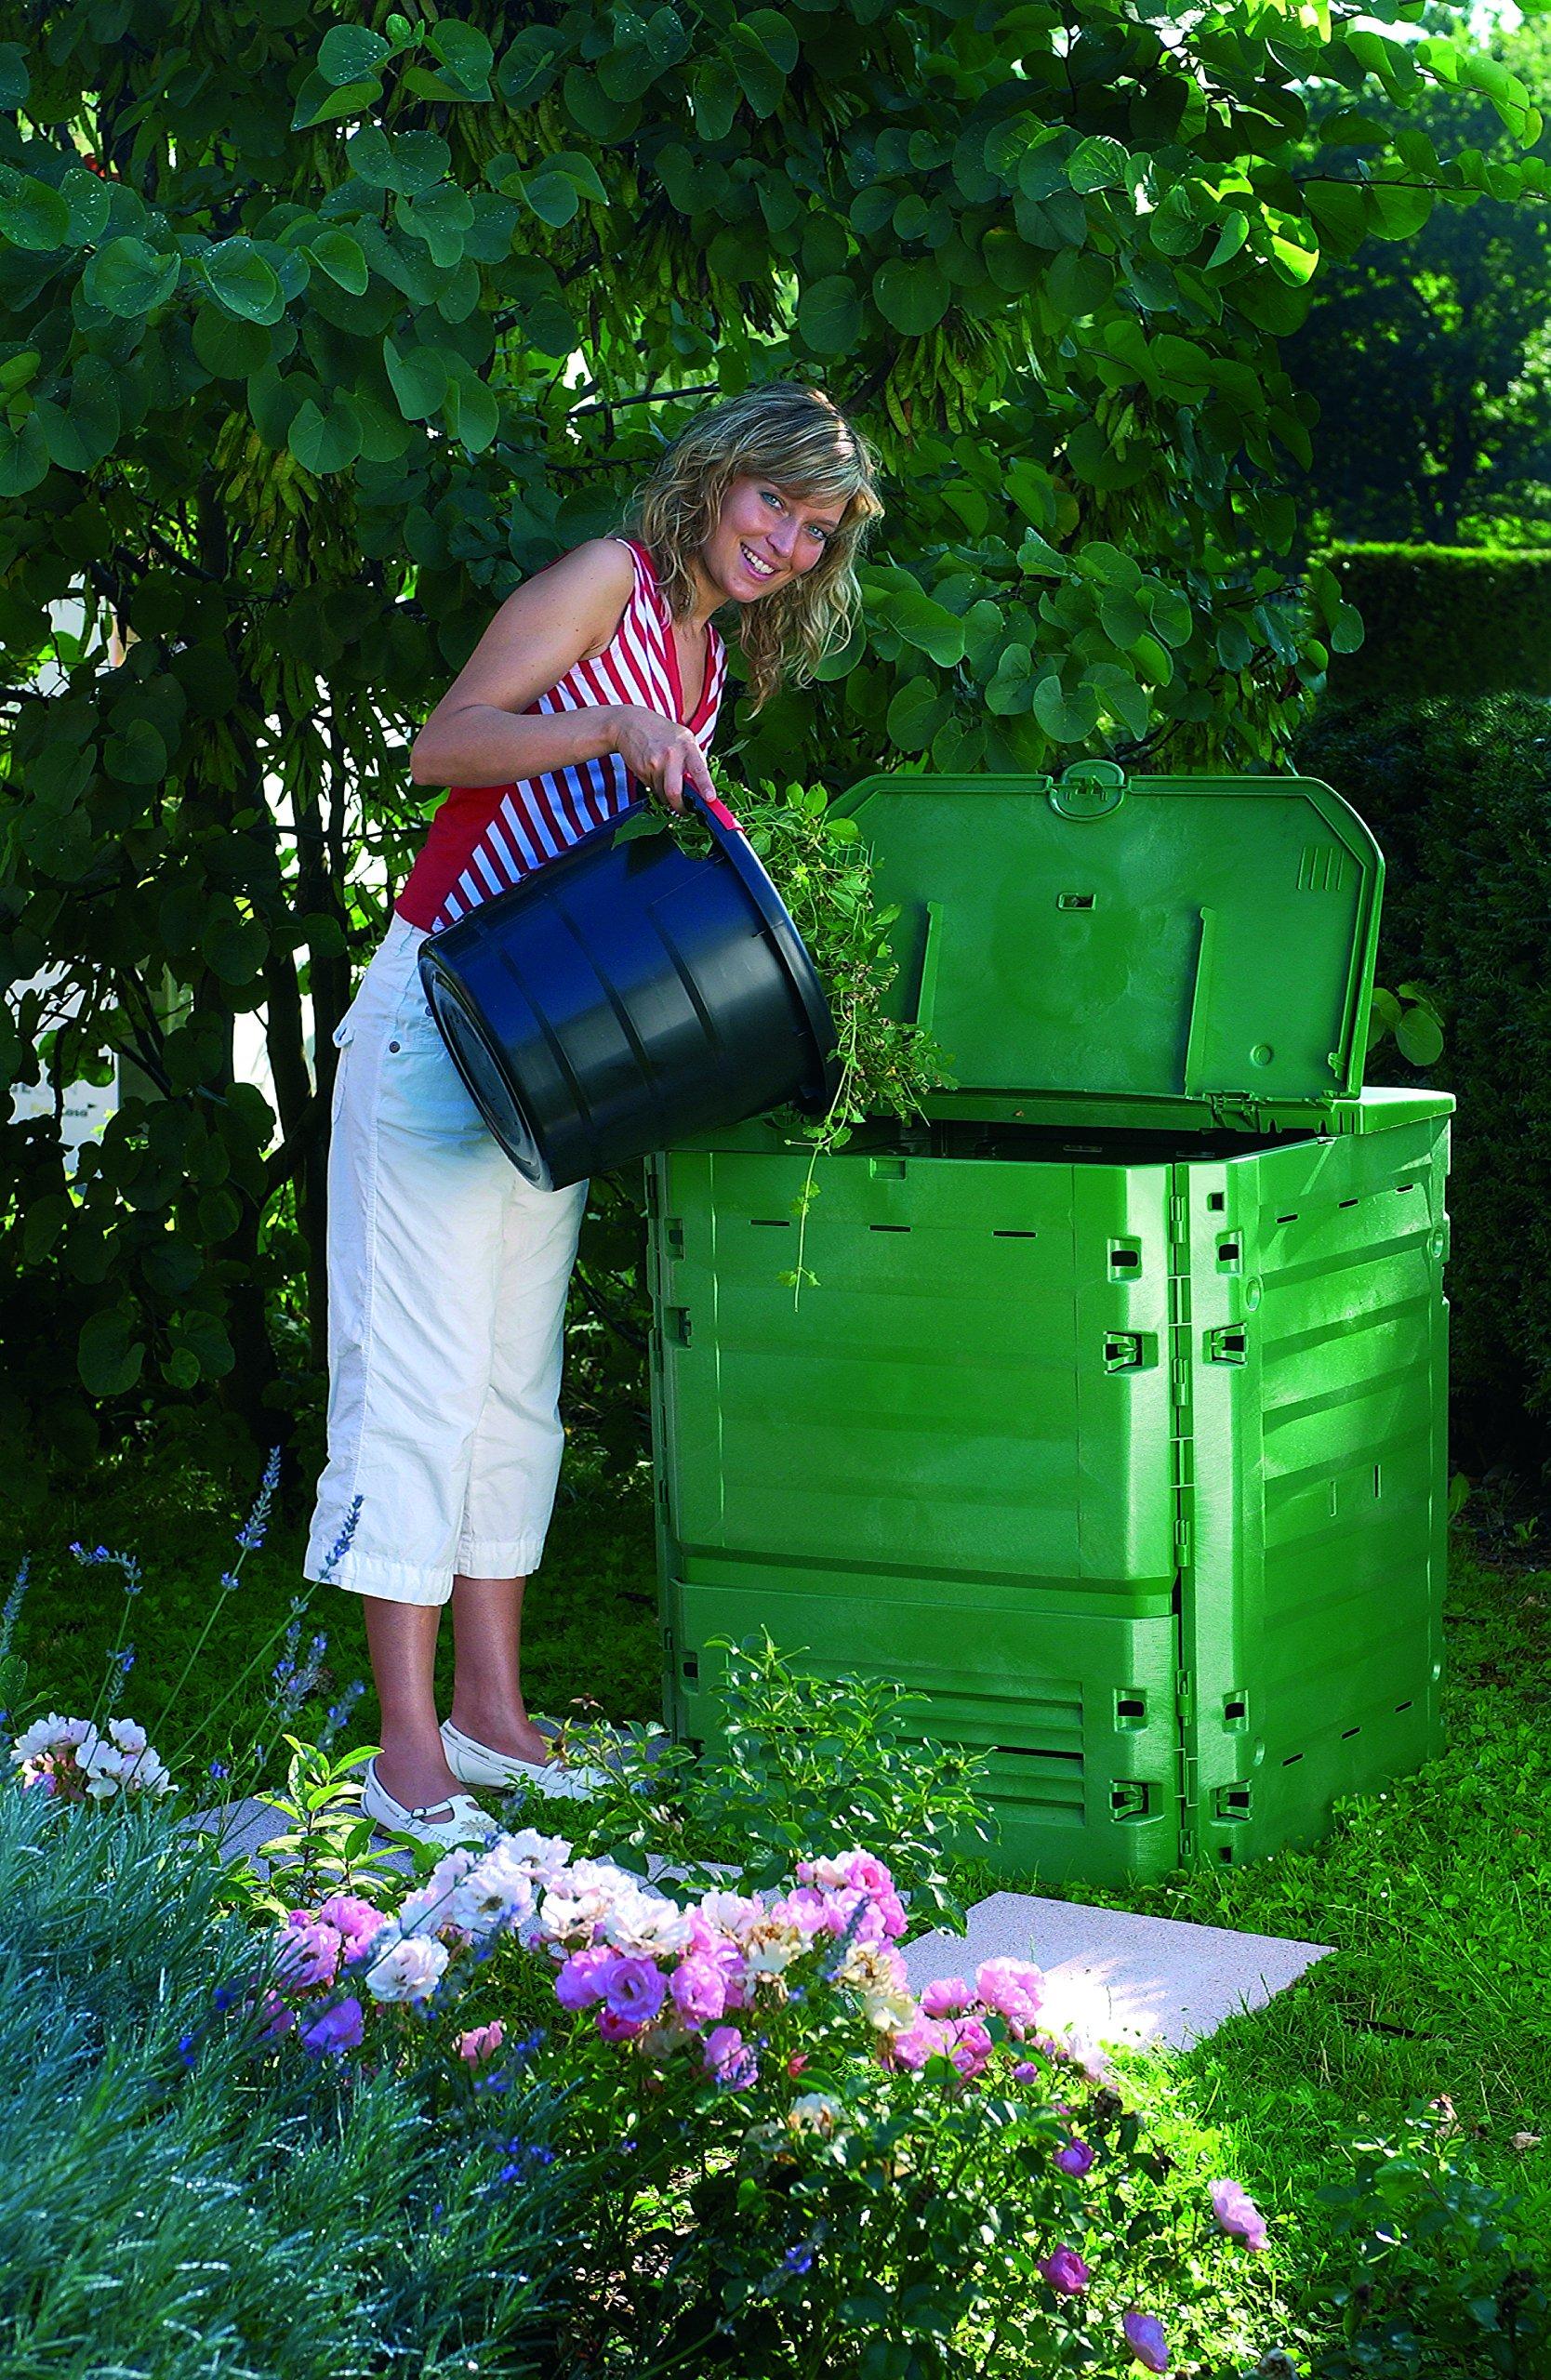 Tierra Garden 626003 Large Thermo King Polypropylene 240-Gallon Composter by Tierra Garden